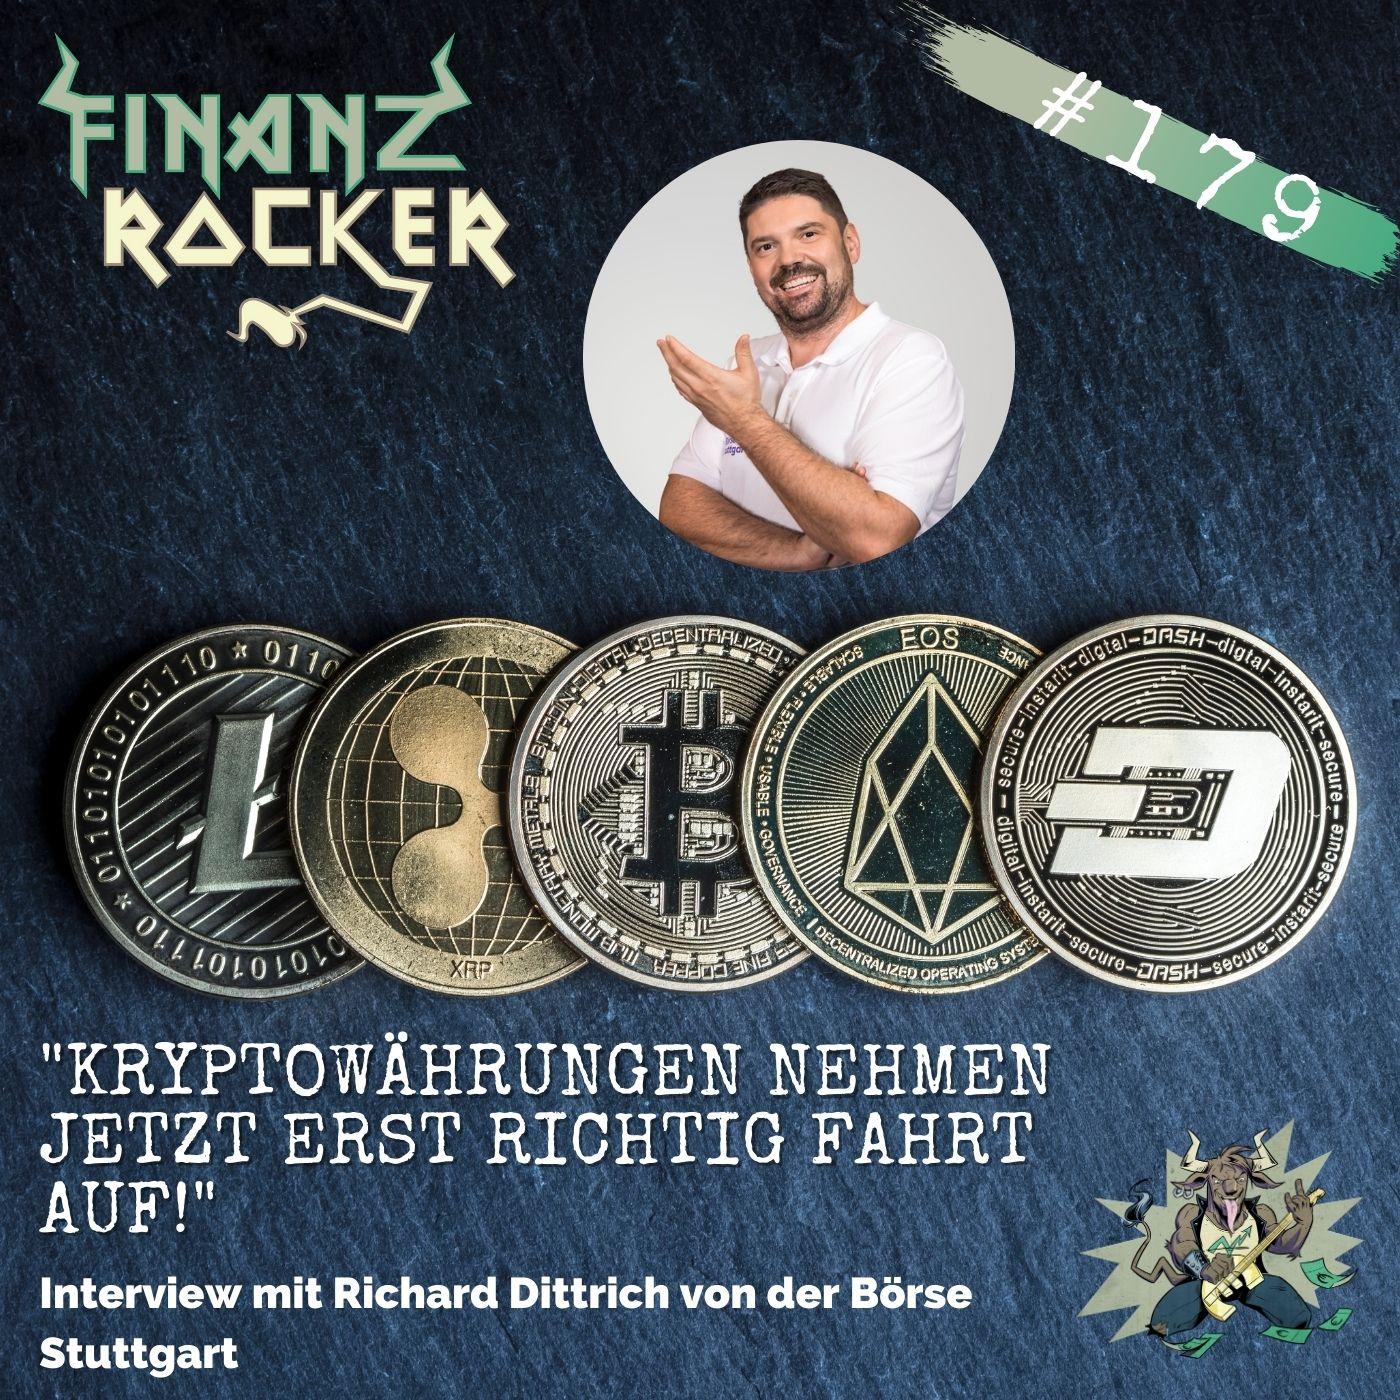 """Folge 179: """"Kryptowährungen nehmen jetzt erst richtig Fahrt auf!"""" - Interview mit Richard Dittrich (Börse Stuttgart)"""